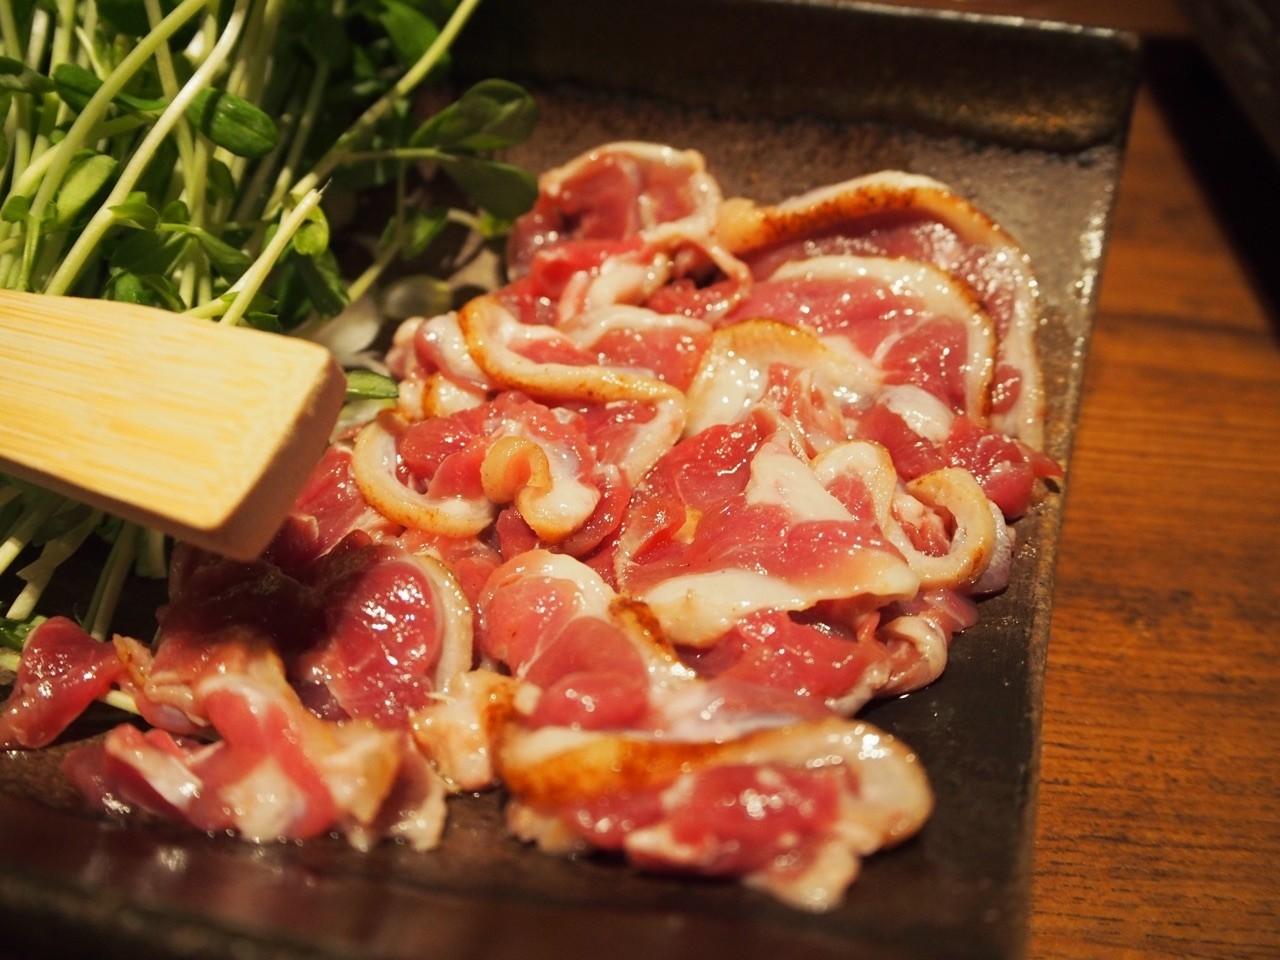 涮涮鍋鴨肉